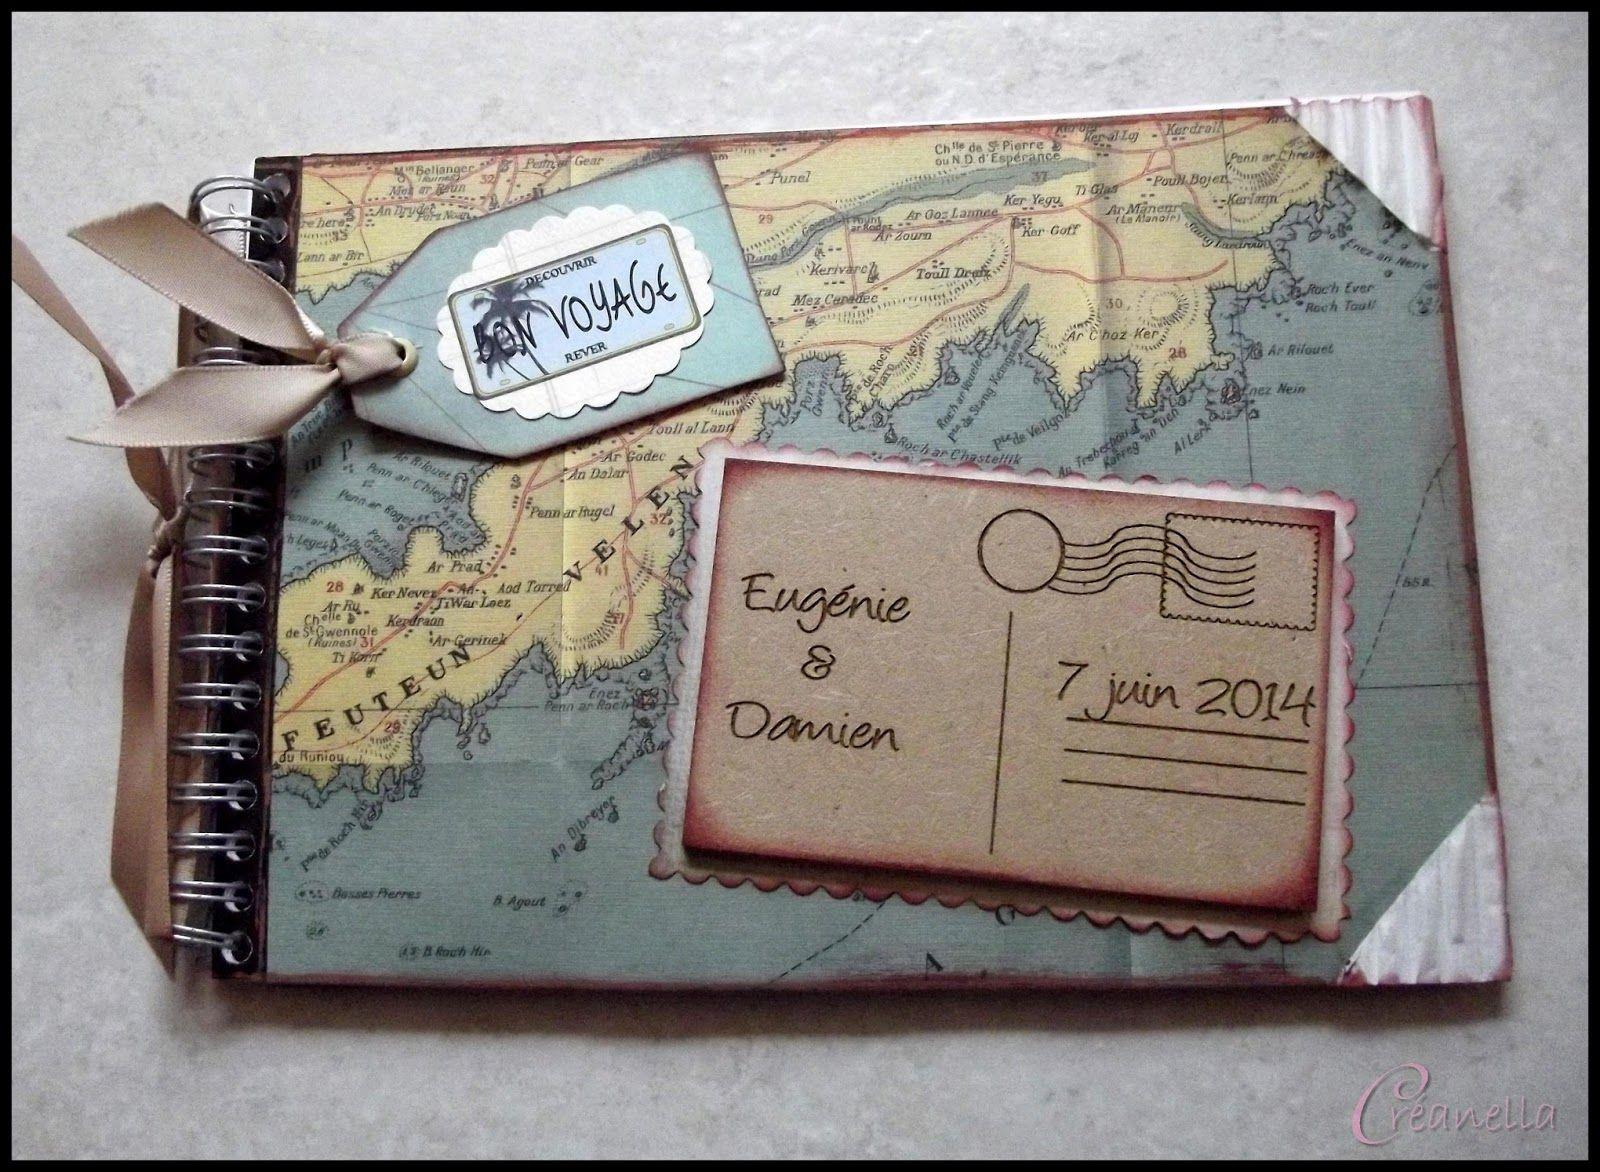 Creanella Livre D Or Theme Voyage Livre D Or Theme Voyage